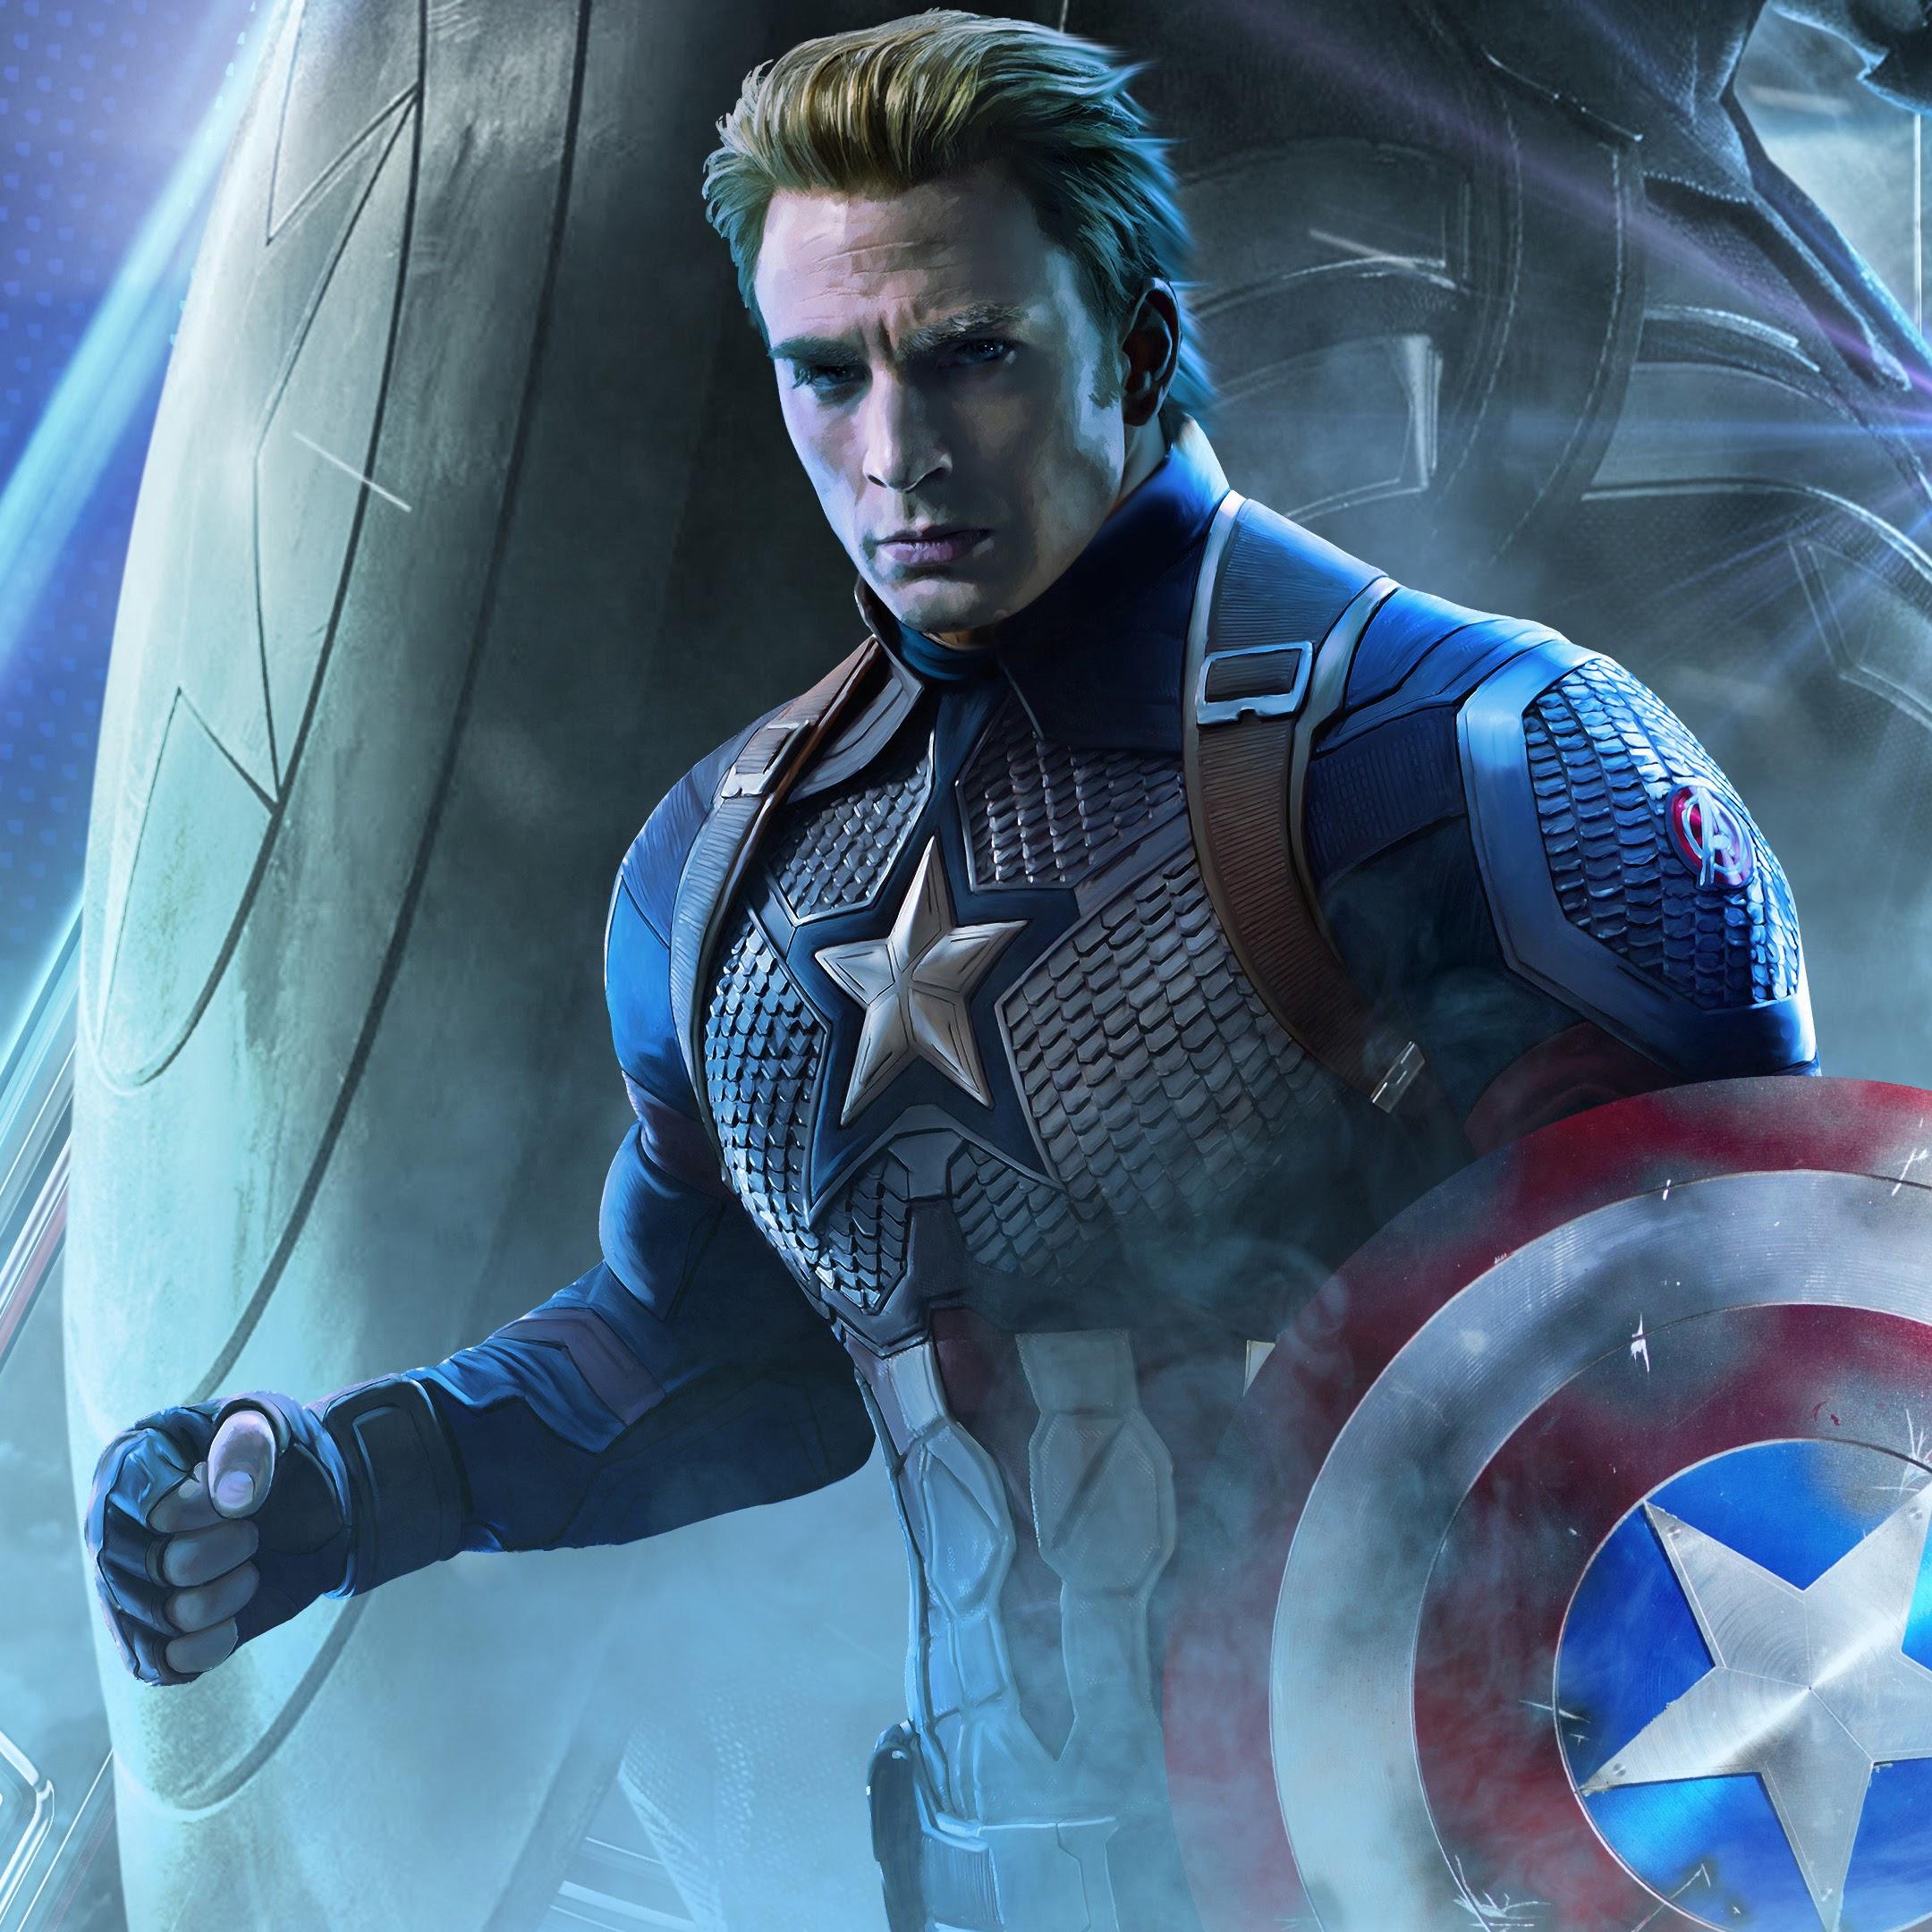 Avengers Endgame Captain America 4k 18 Wallpaper